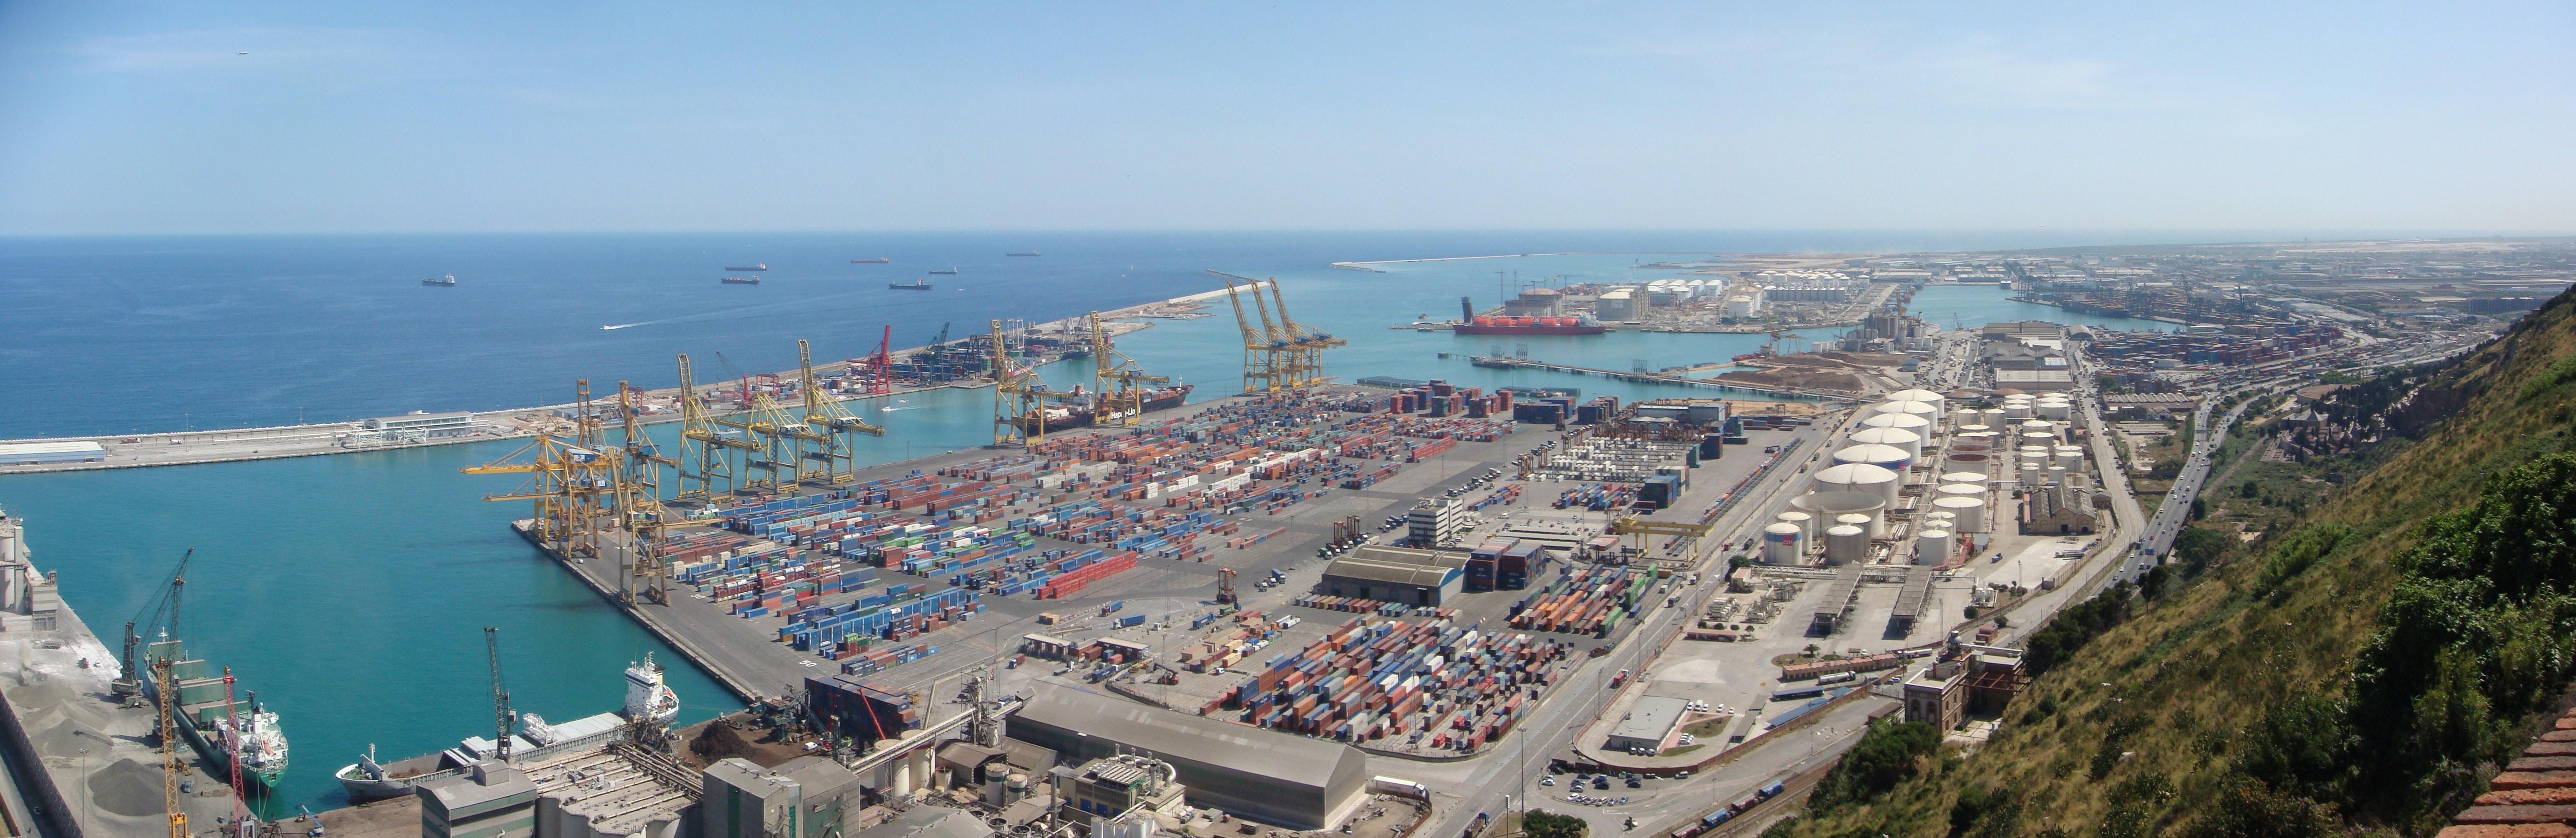 El Port de Barcelona premiado en la Seatrade Cruise Global 2017 como mejor puerto de operaciones de embarque y desembarque